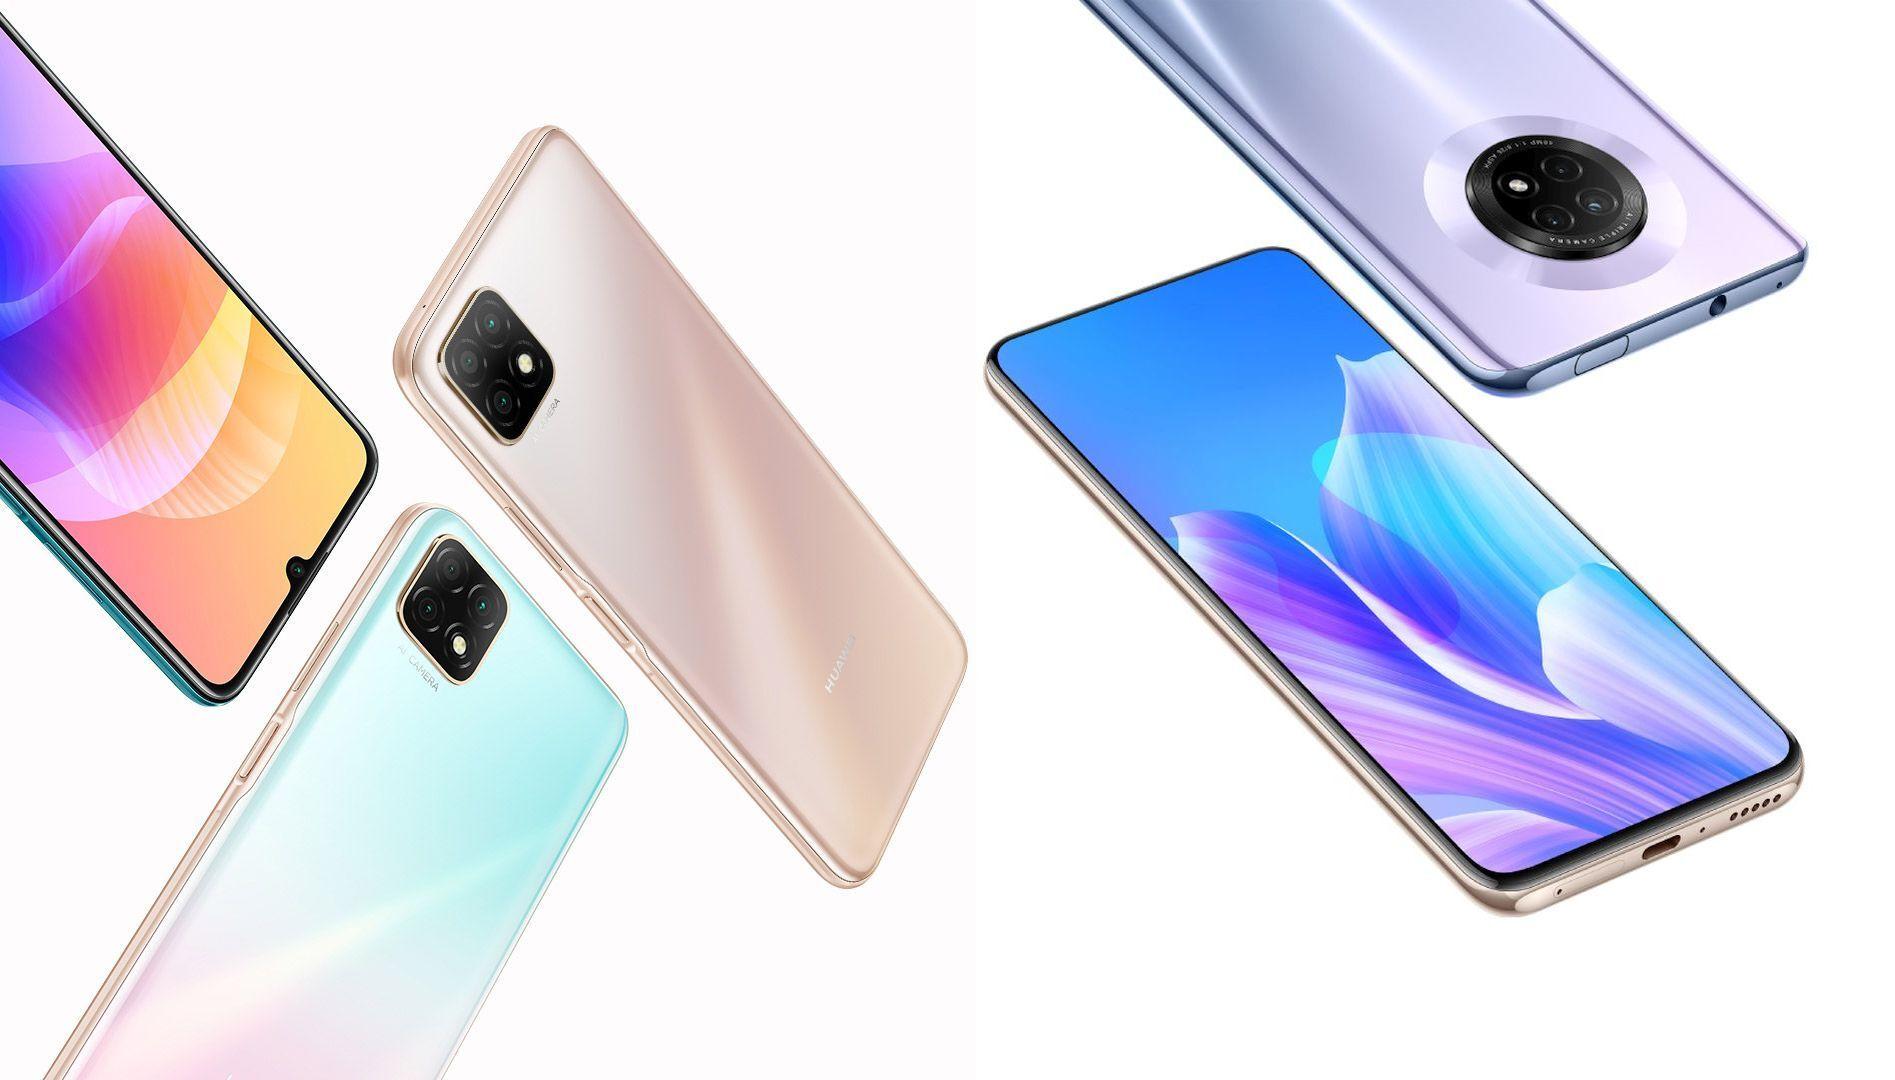 Huawei представила недорогой смартфон с большим аккумулятором и новым процессором